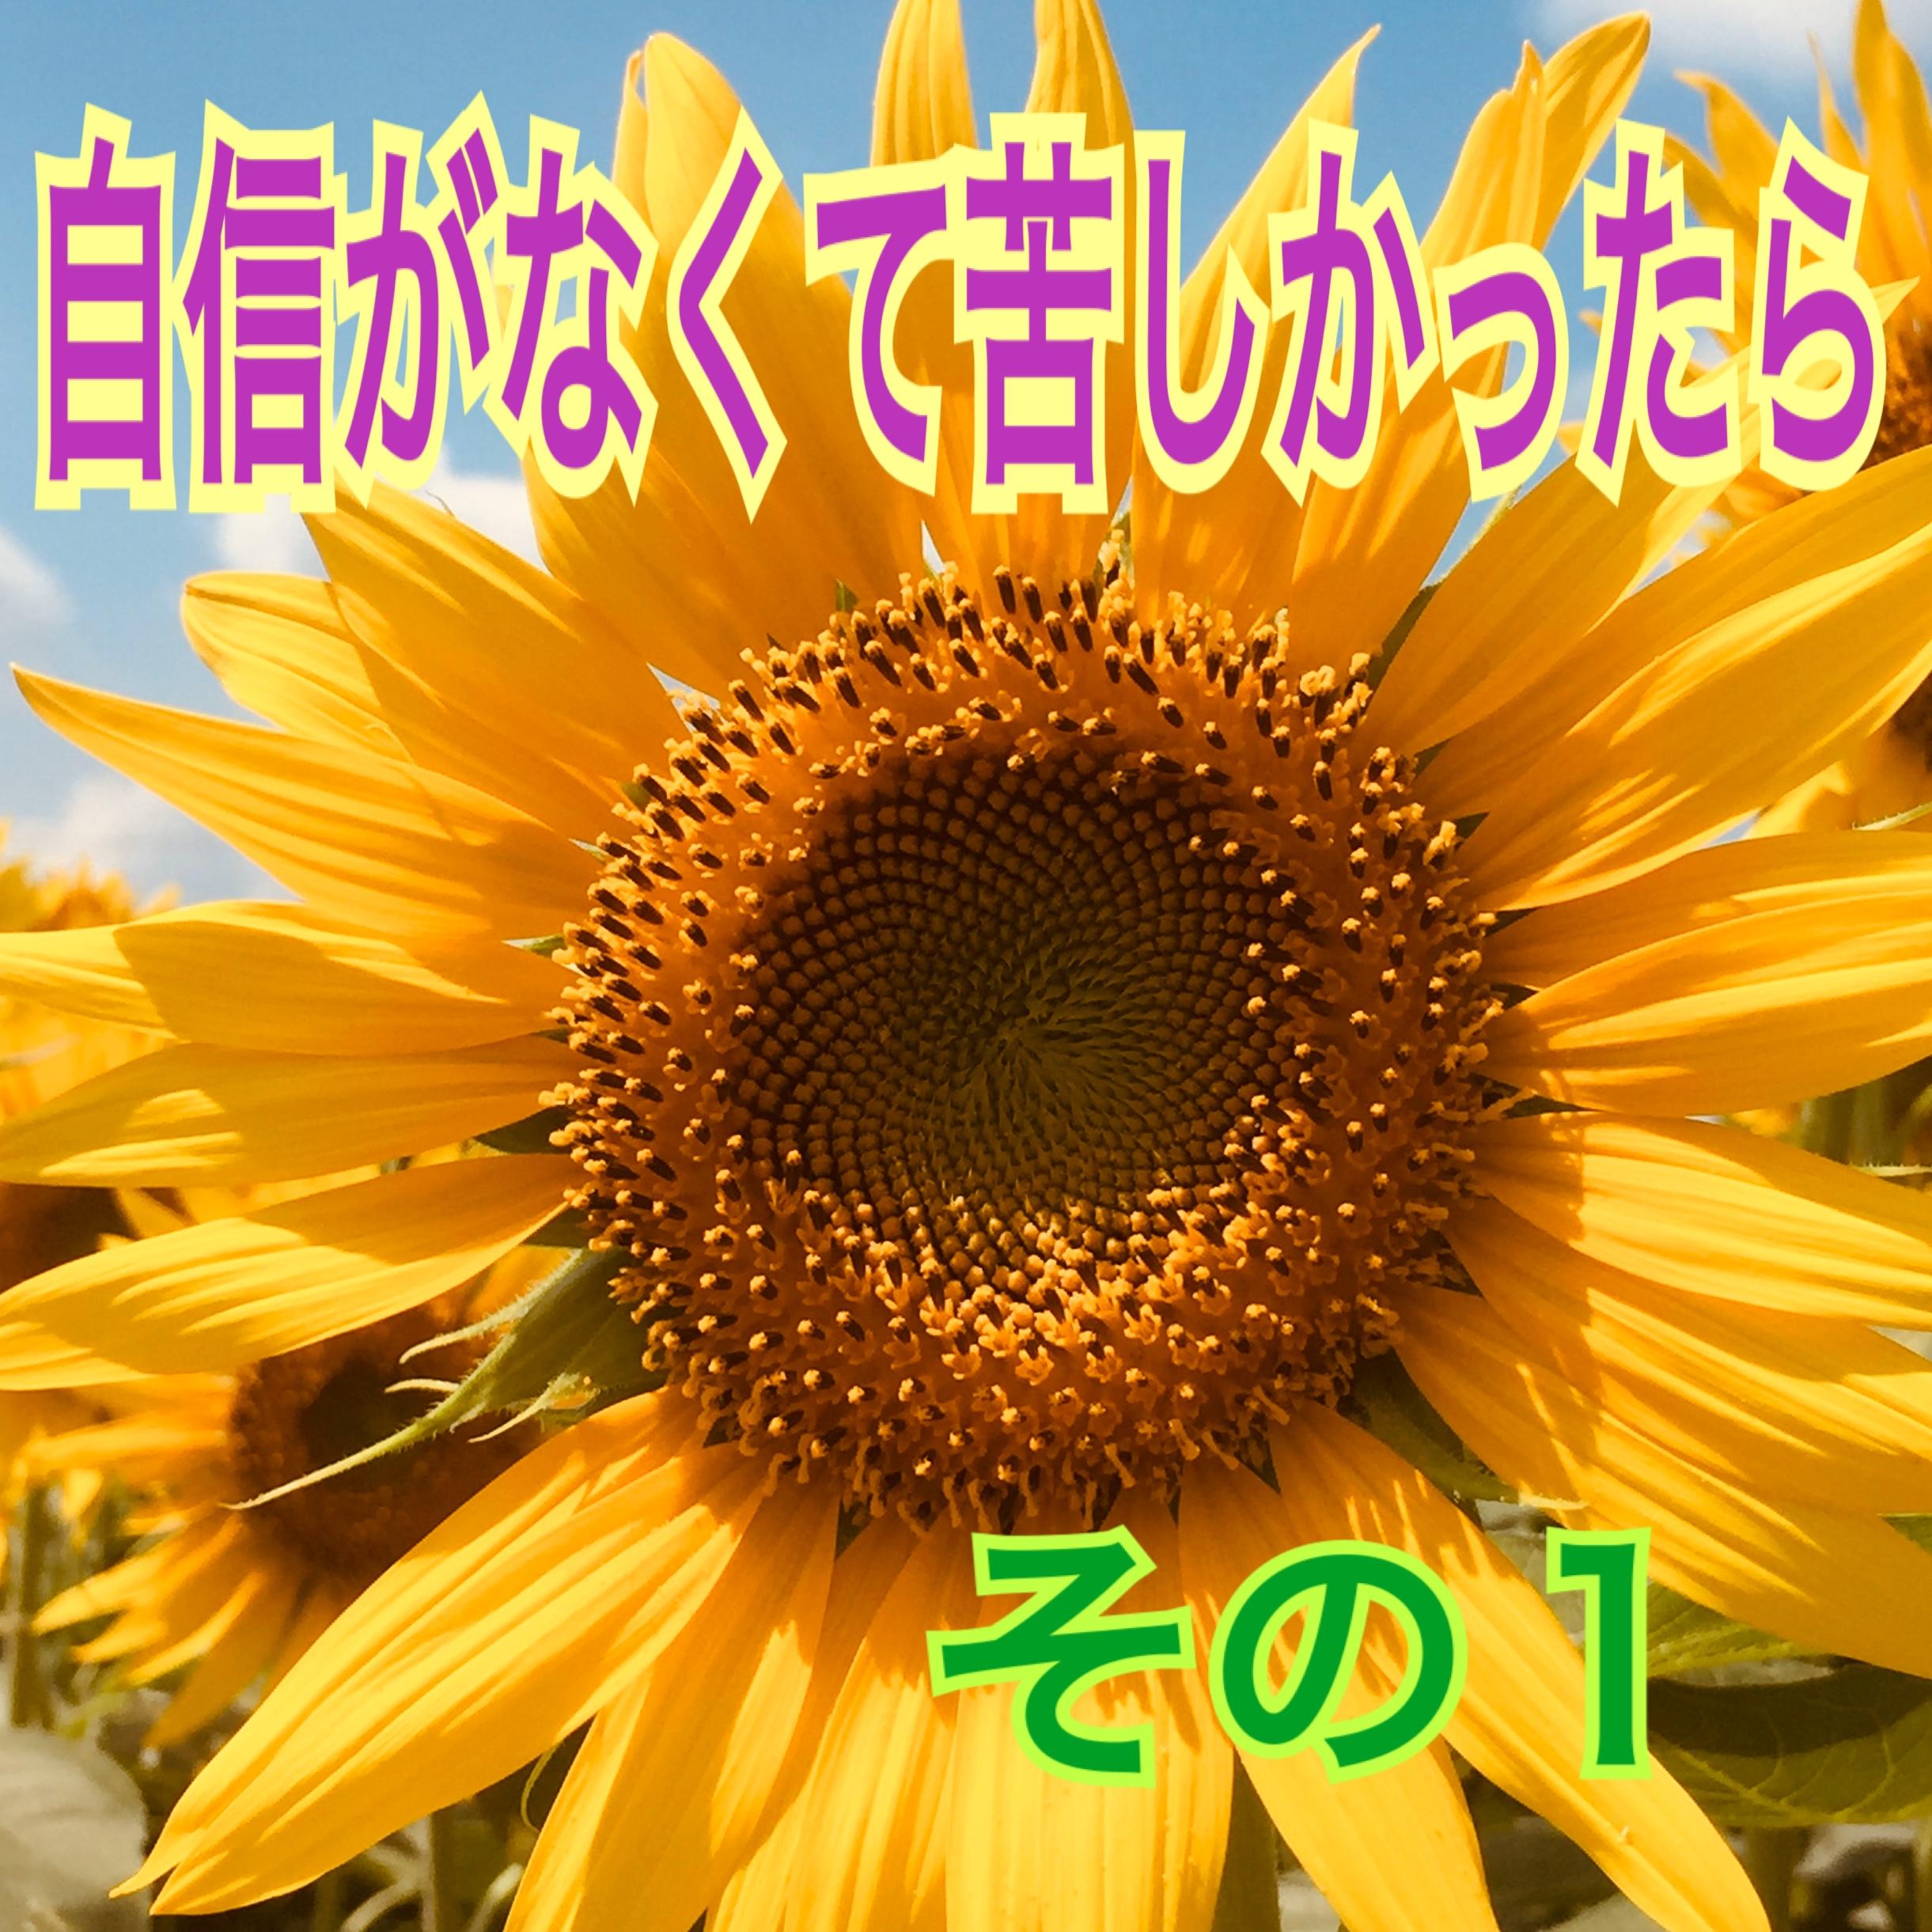 5888B317-4E64-41AE-862F-A535B330100E